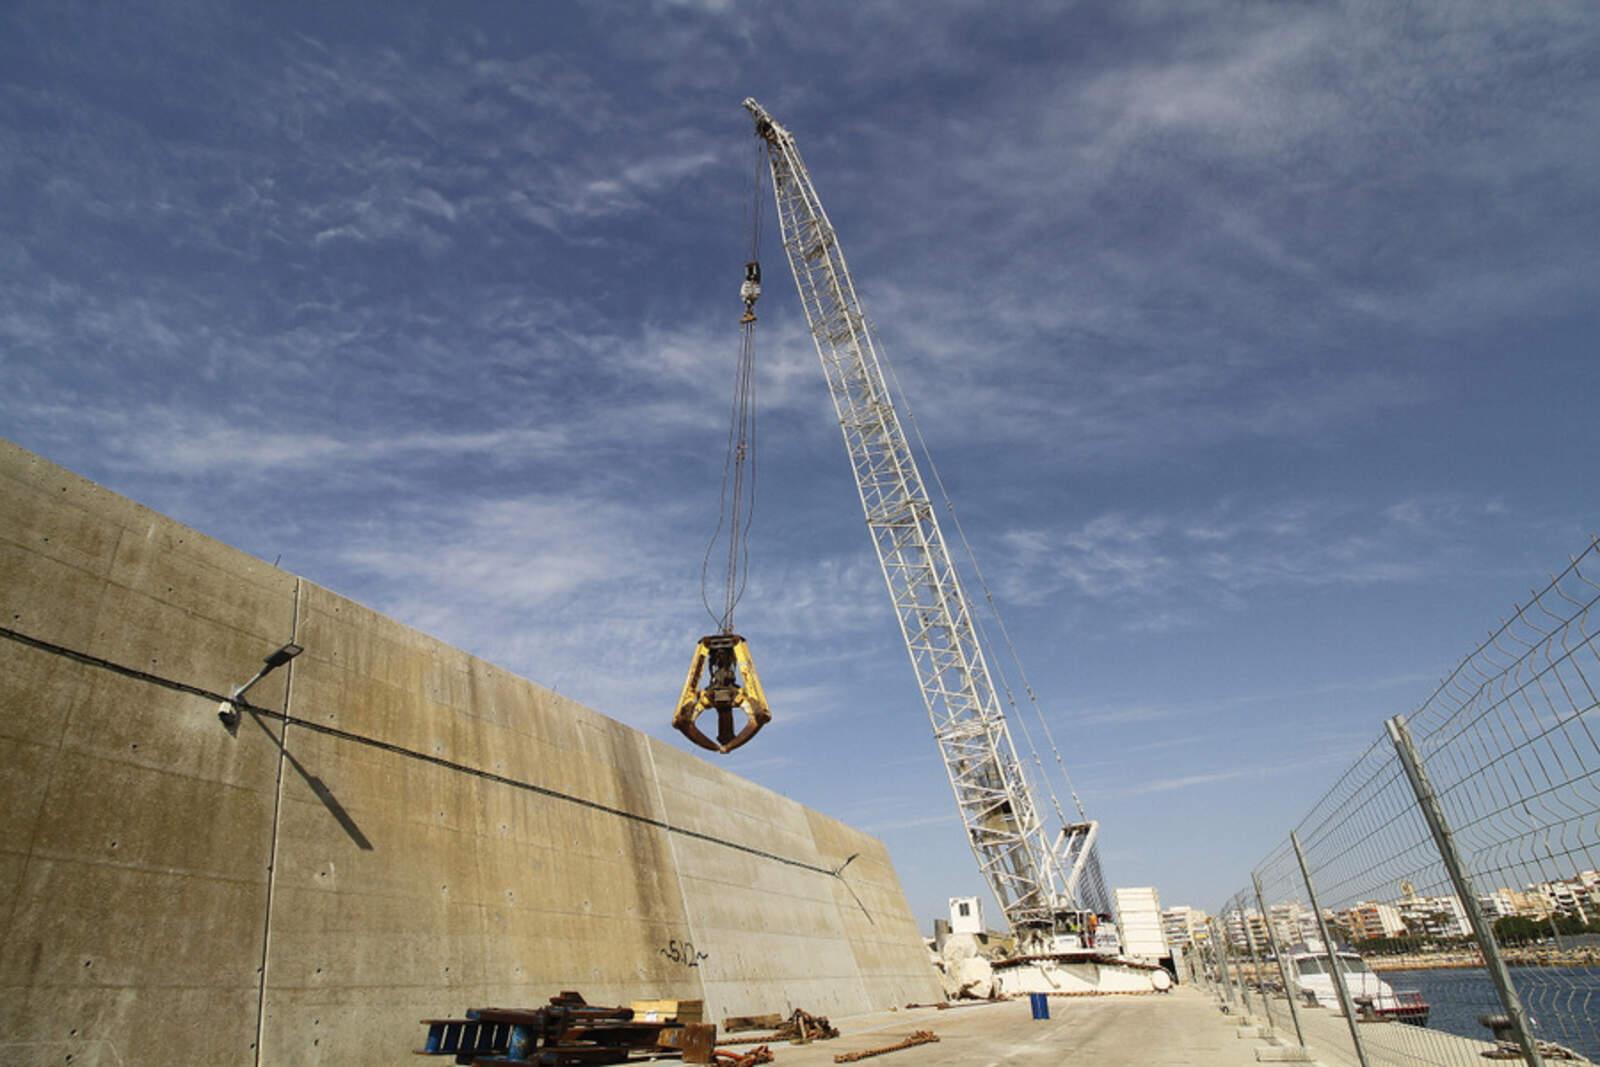 Les obres al port de Blanes